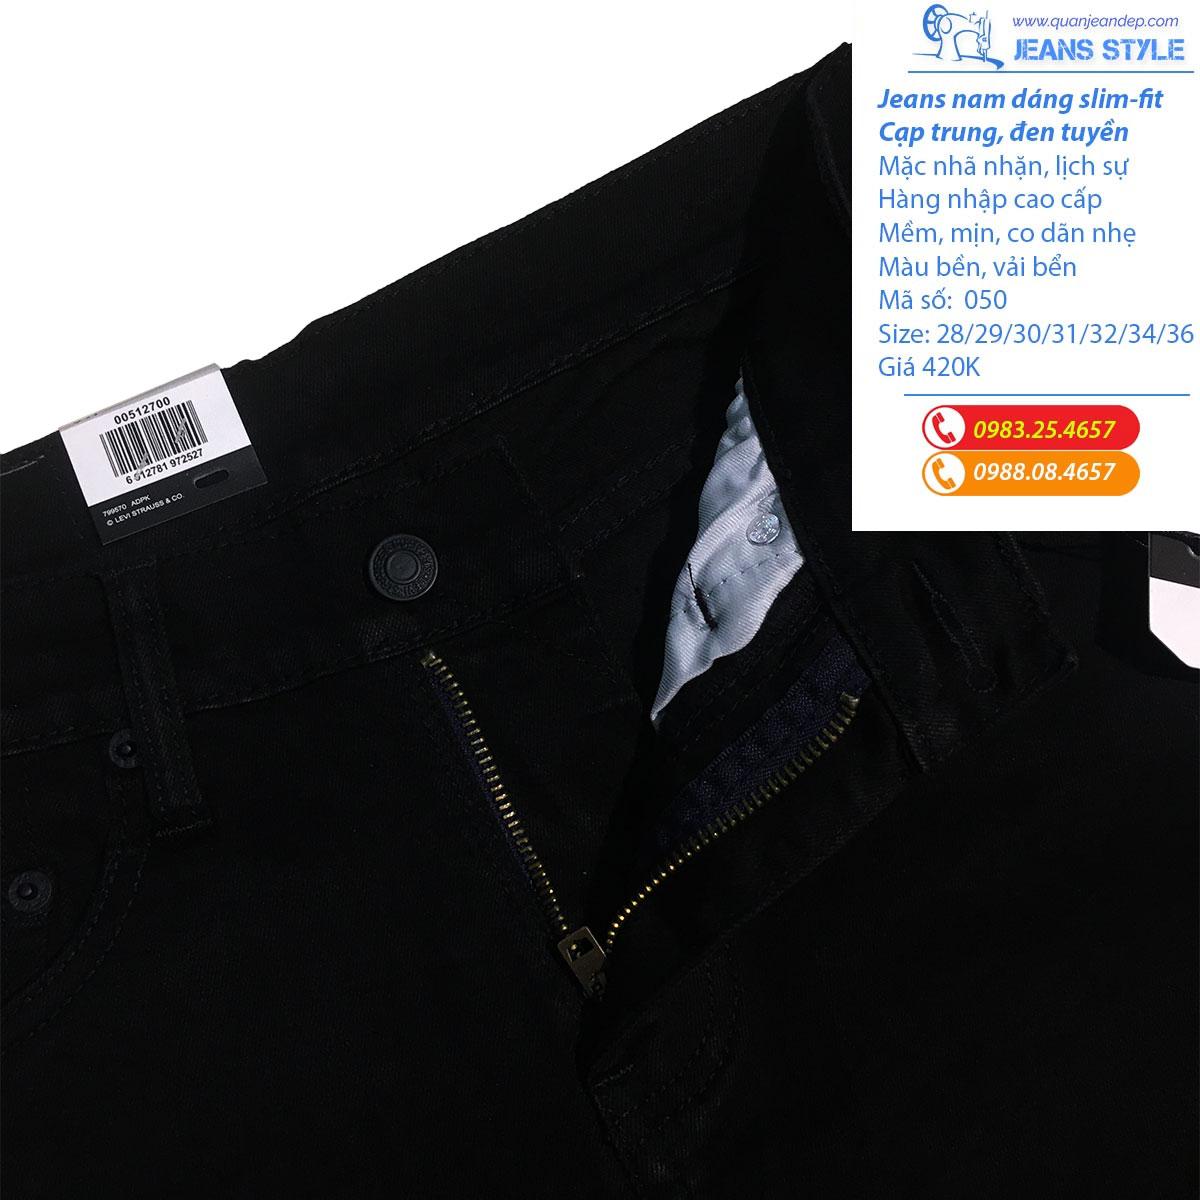 Quần jean nam đen tuyền dáng slim-fit 050 Giá:420.000,00 ₫